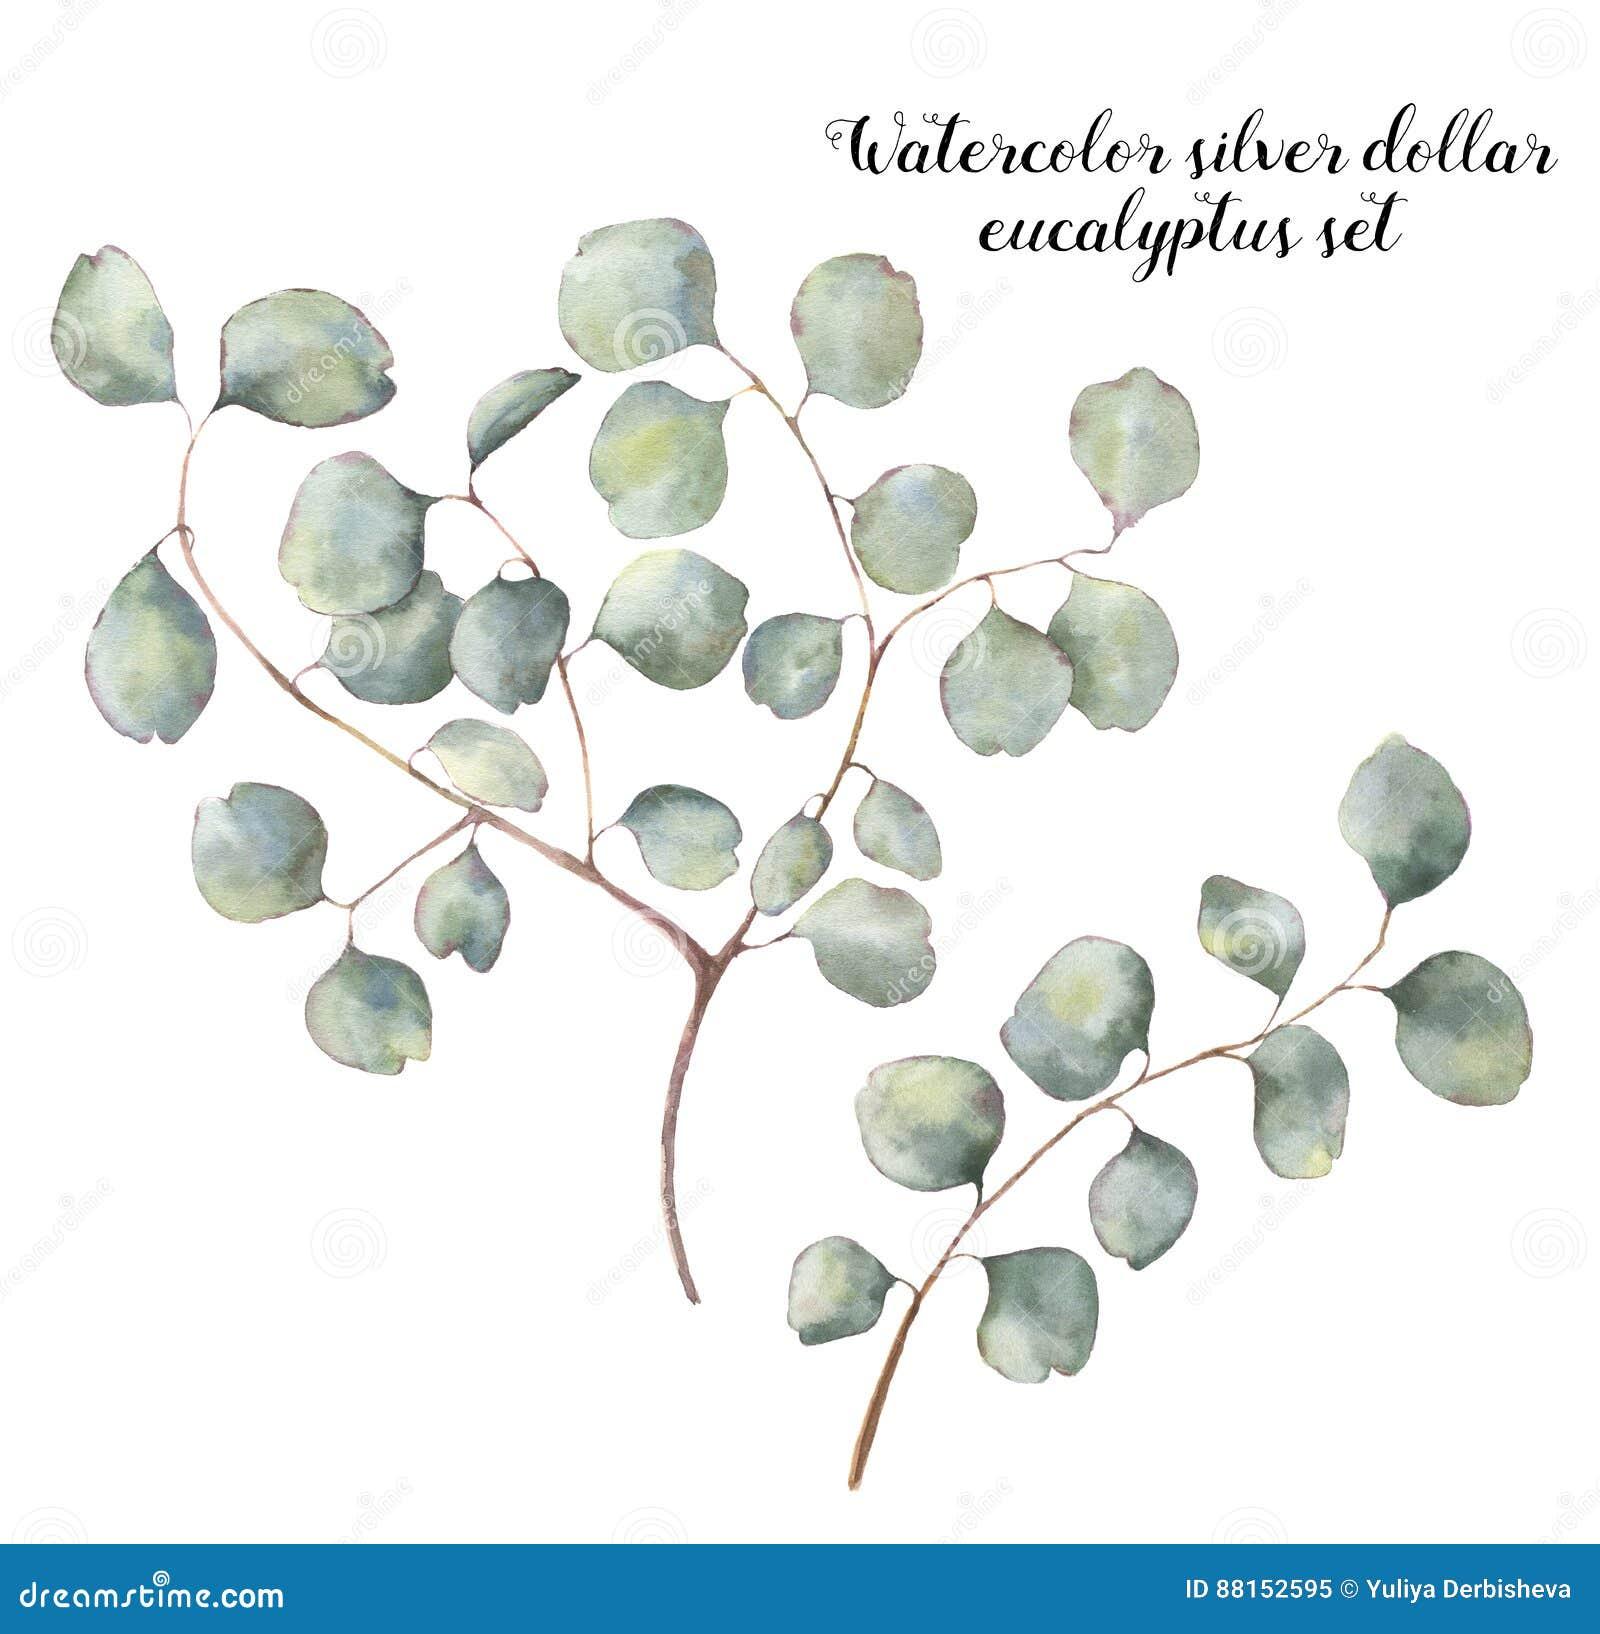 Eukalyptussatz des silbernen Dollars des Aquarells Handgemalte Blumenillustration mit runden Blättern und den Niederlassungen an